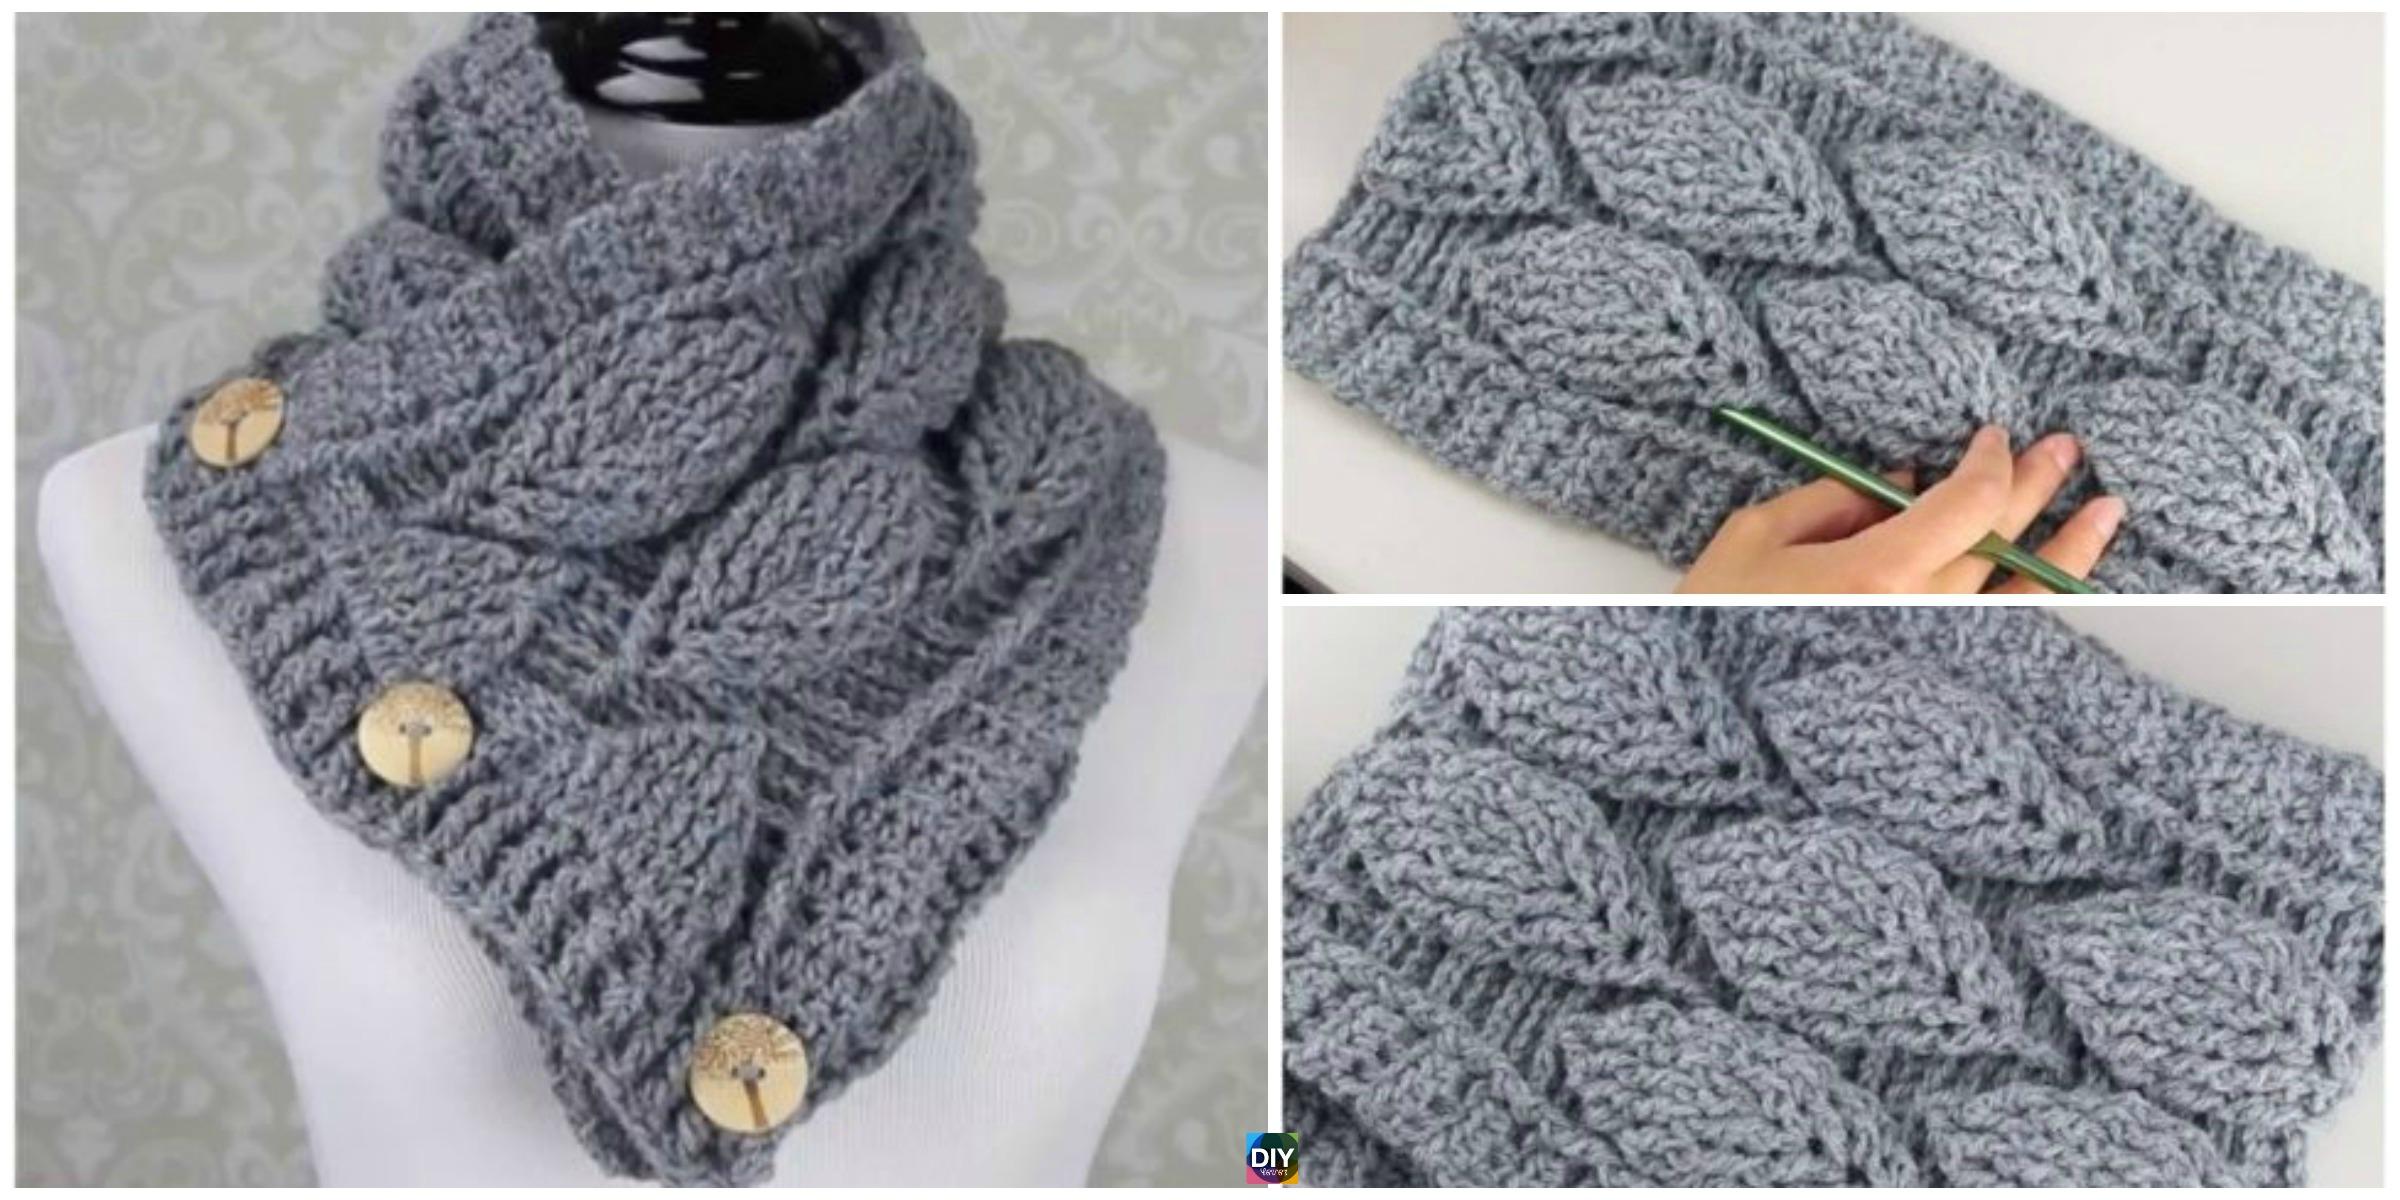 Crochet Leaf Stitch Cowl - Free Pattern - DIY 4 EVER